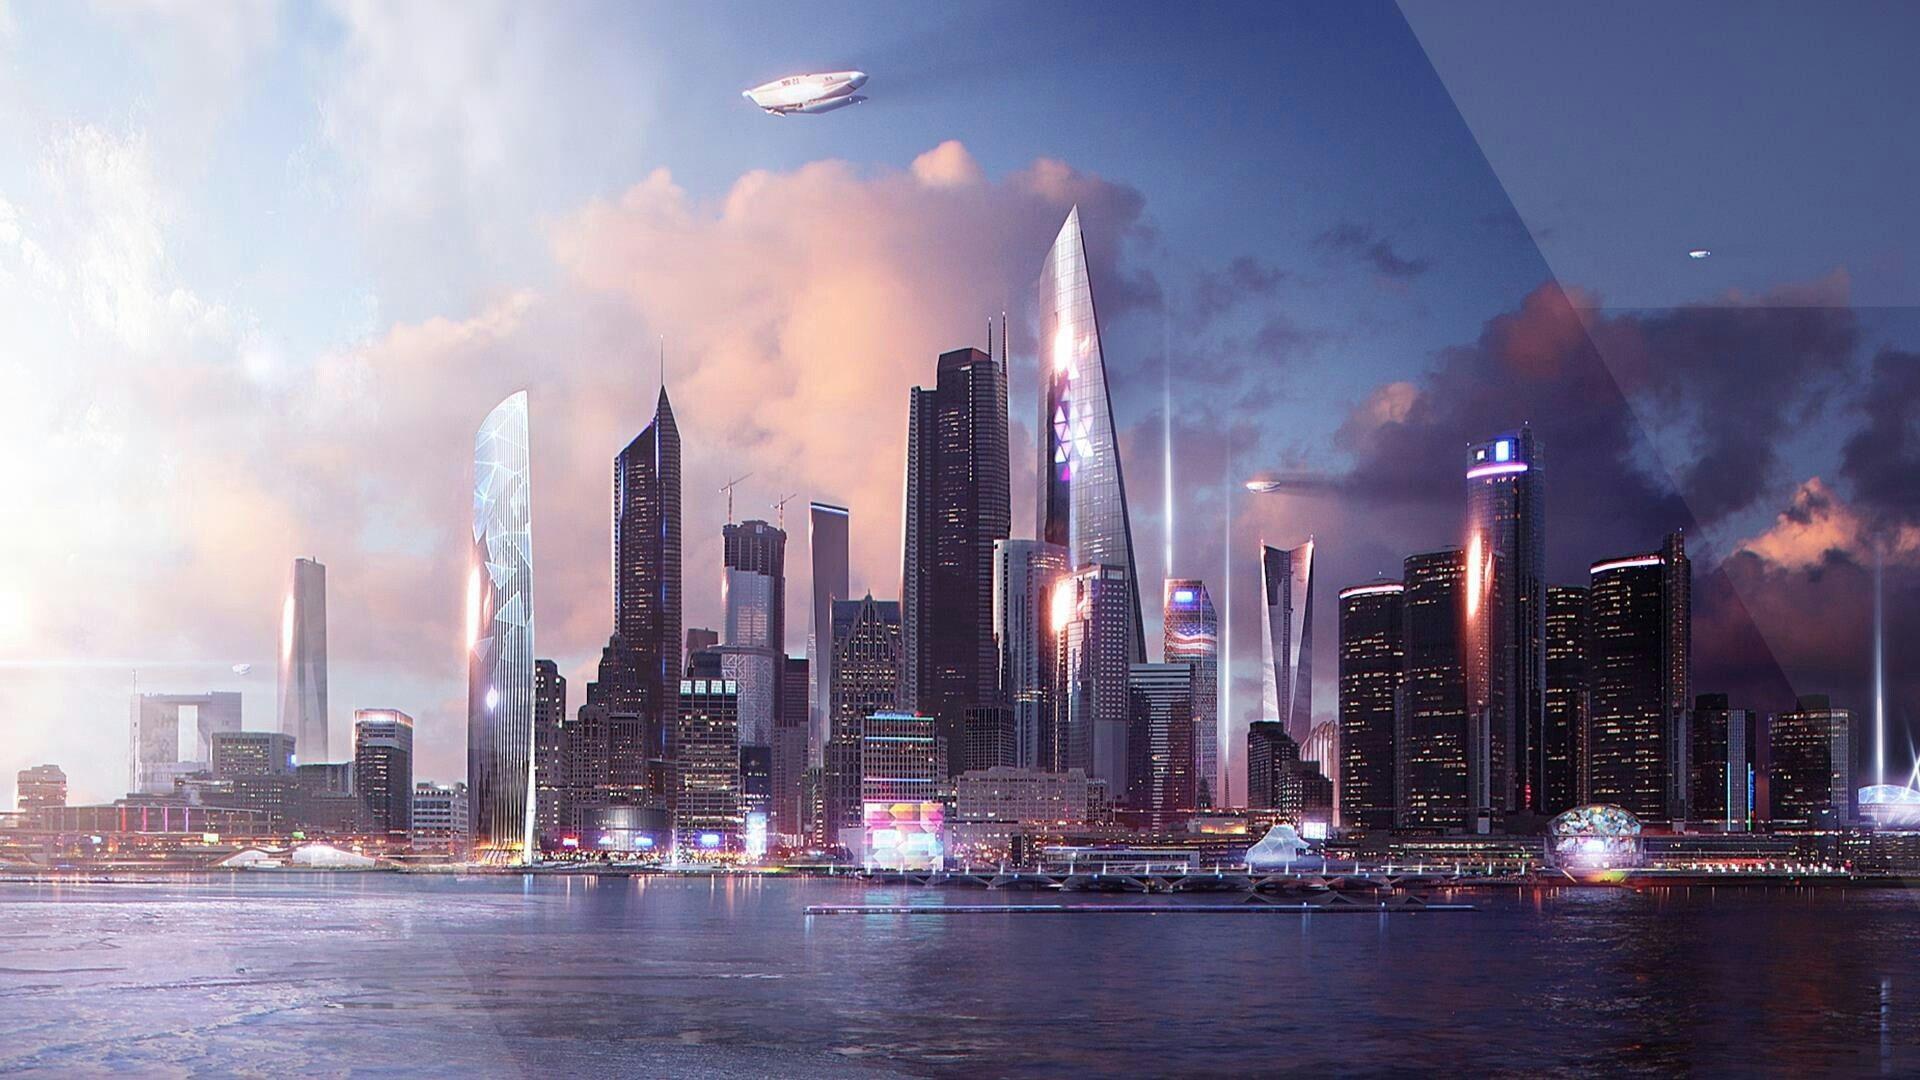 Detroit City Detroit Future City Detroit Become Human Futuristic City